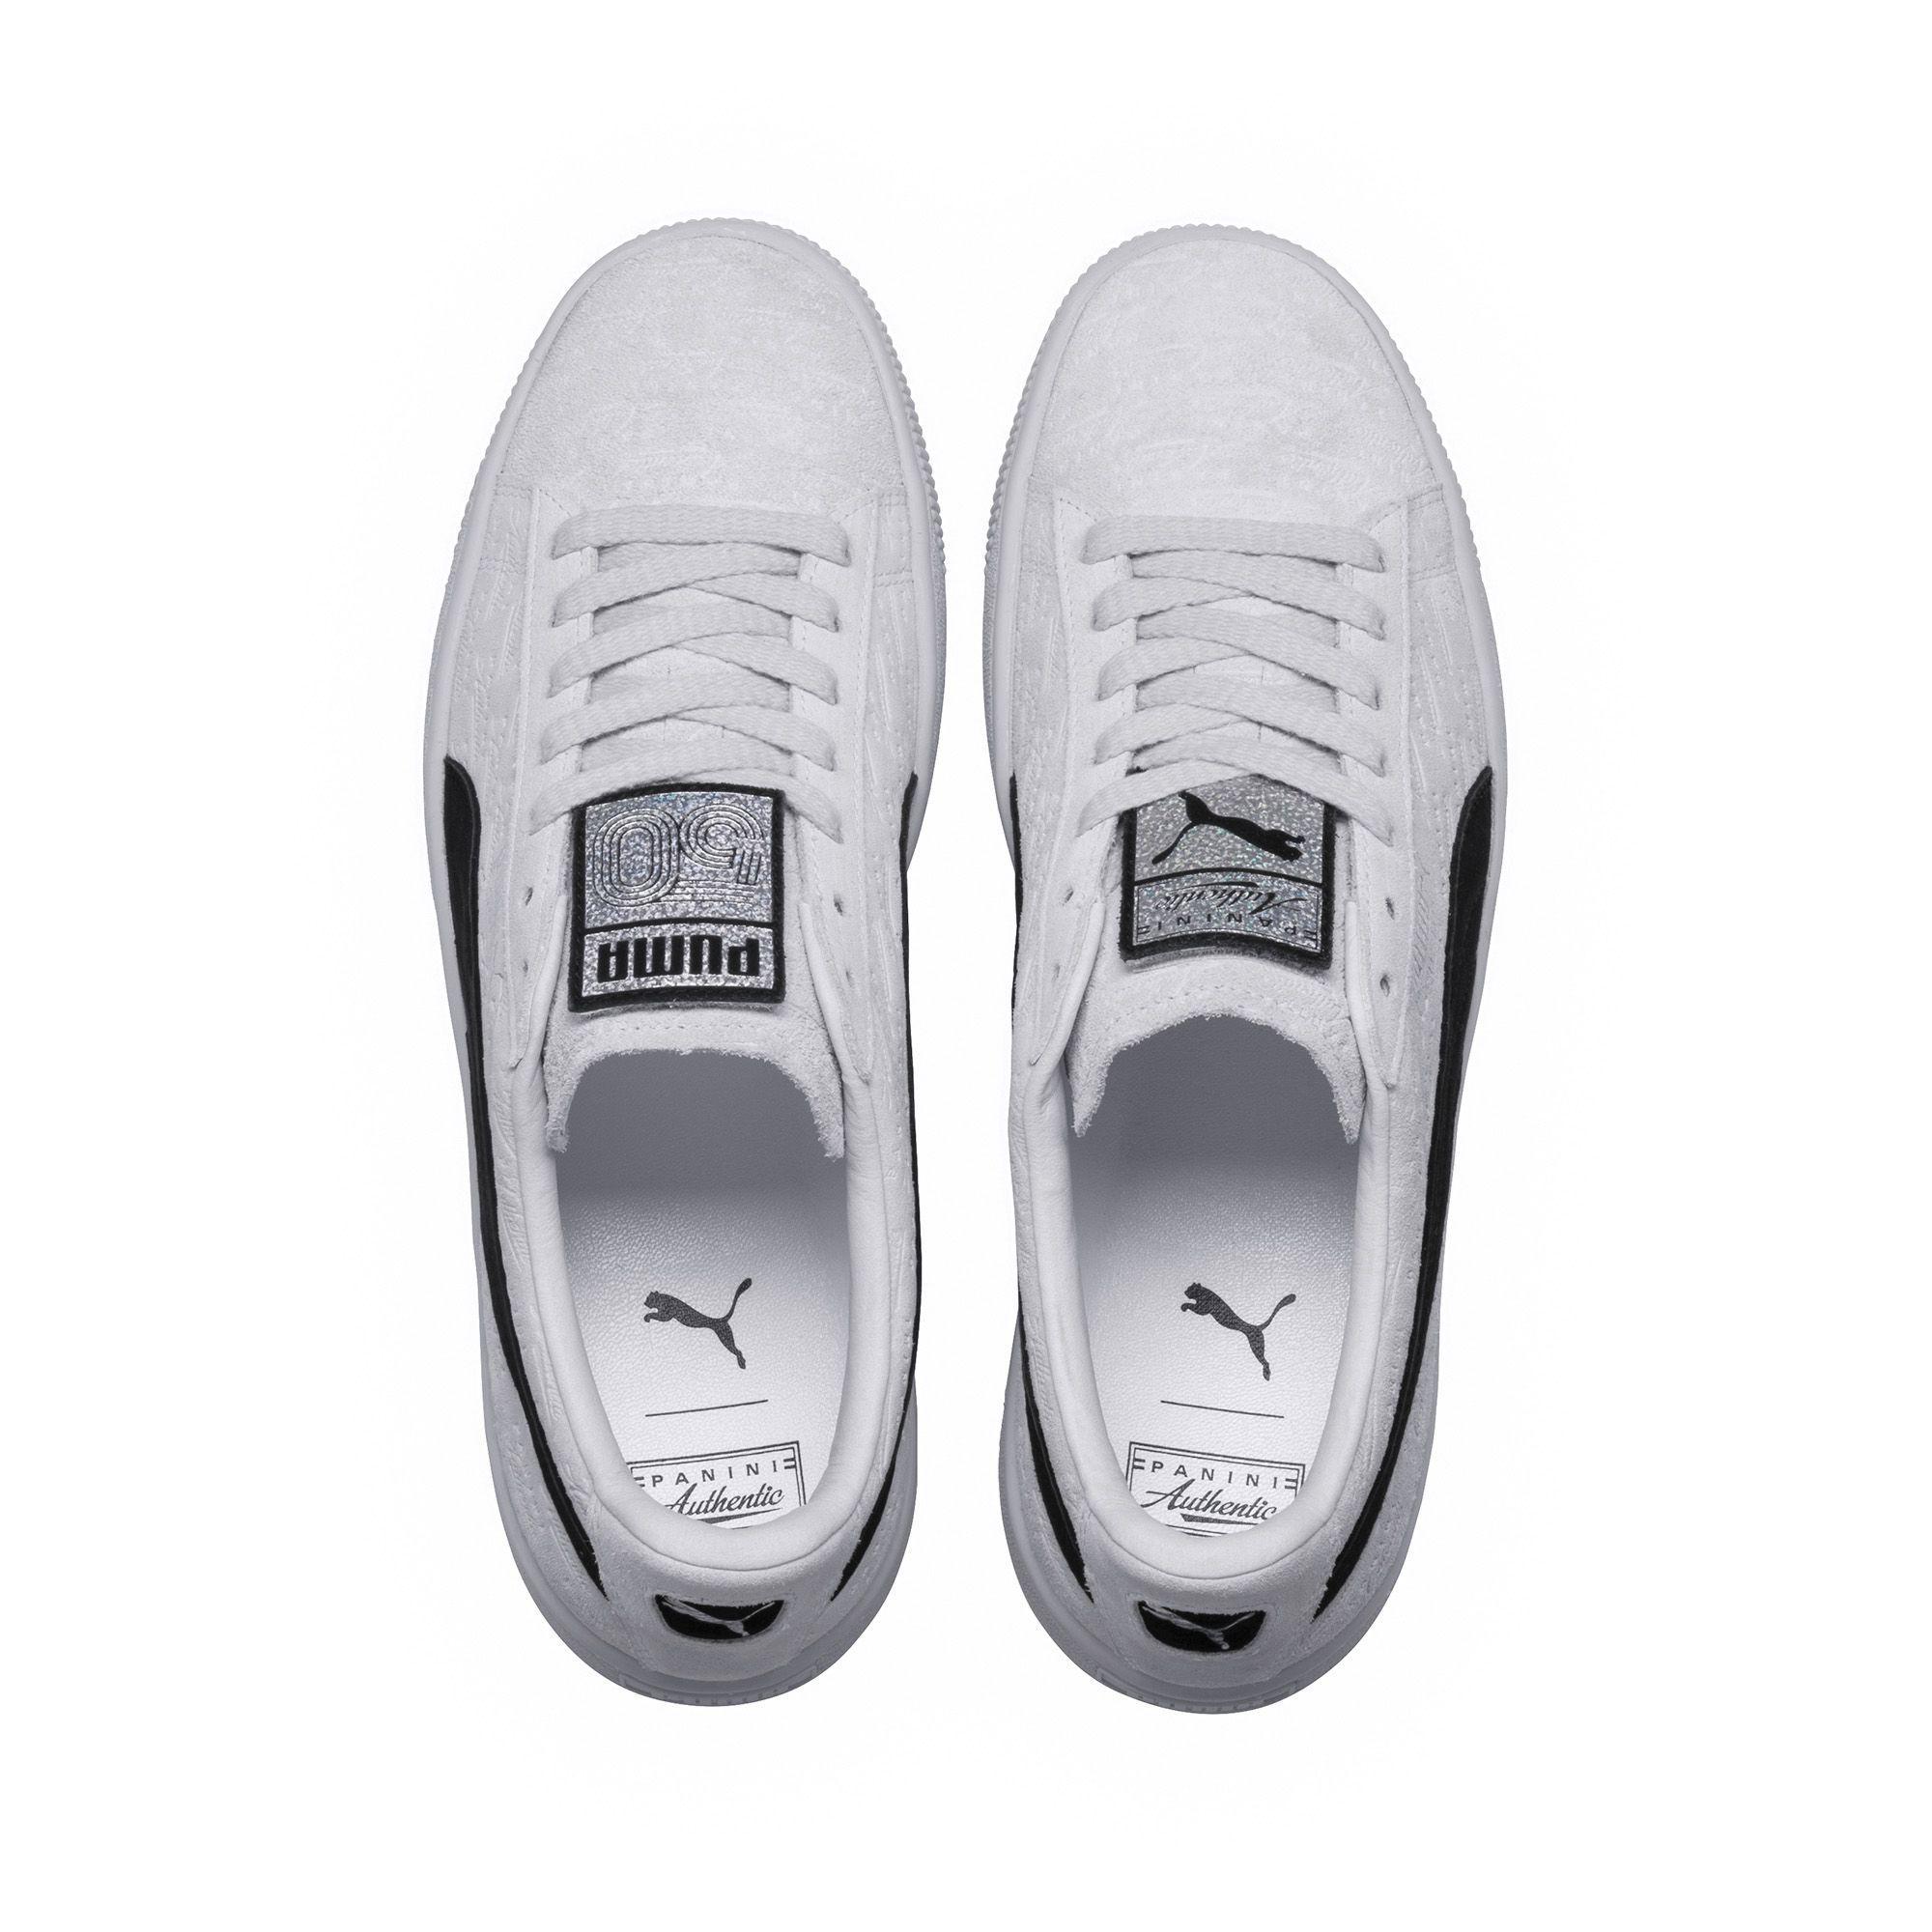 c09b59c0e88 PUMA X Panini Suede Classic Sneakers in White - Lyst